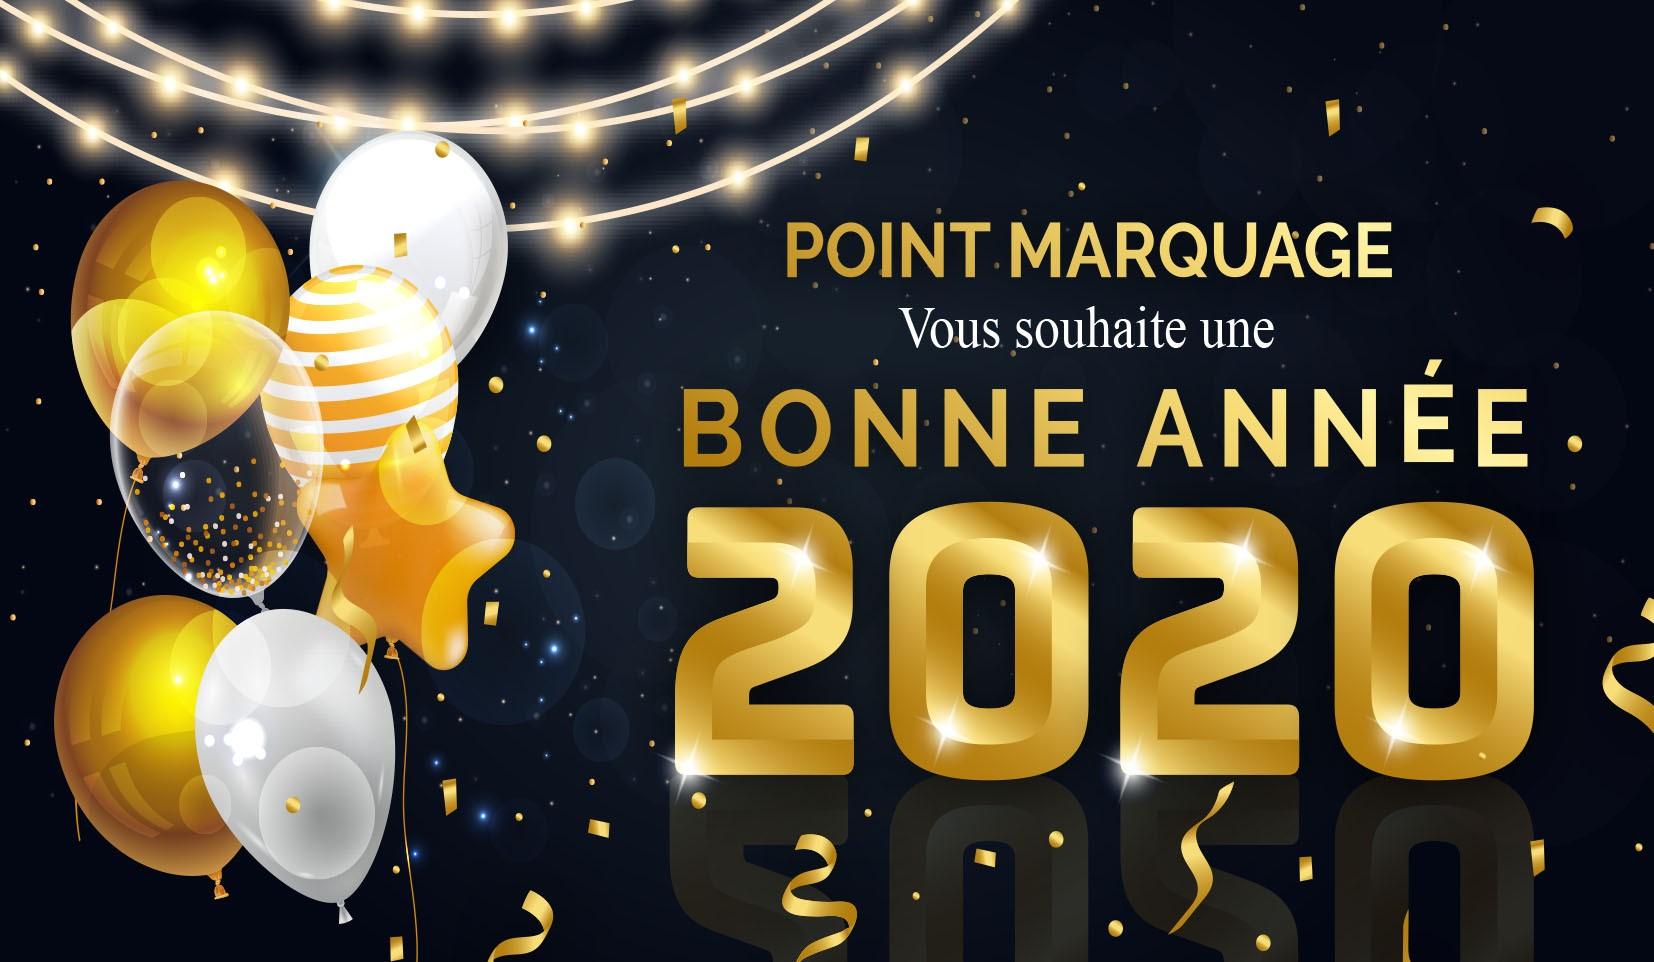 Toute l'équipe POINT MARQUAGE vous souhaite une Bonne Année 2020